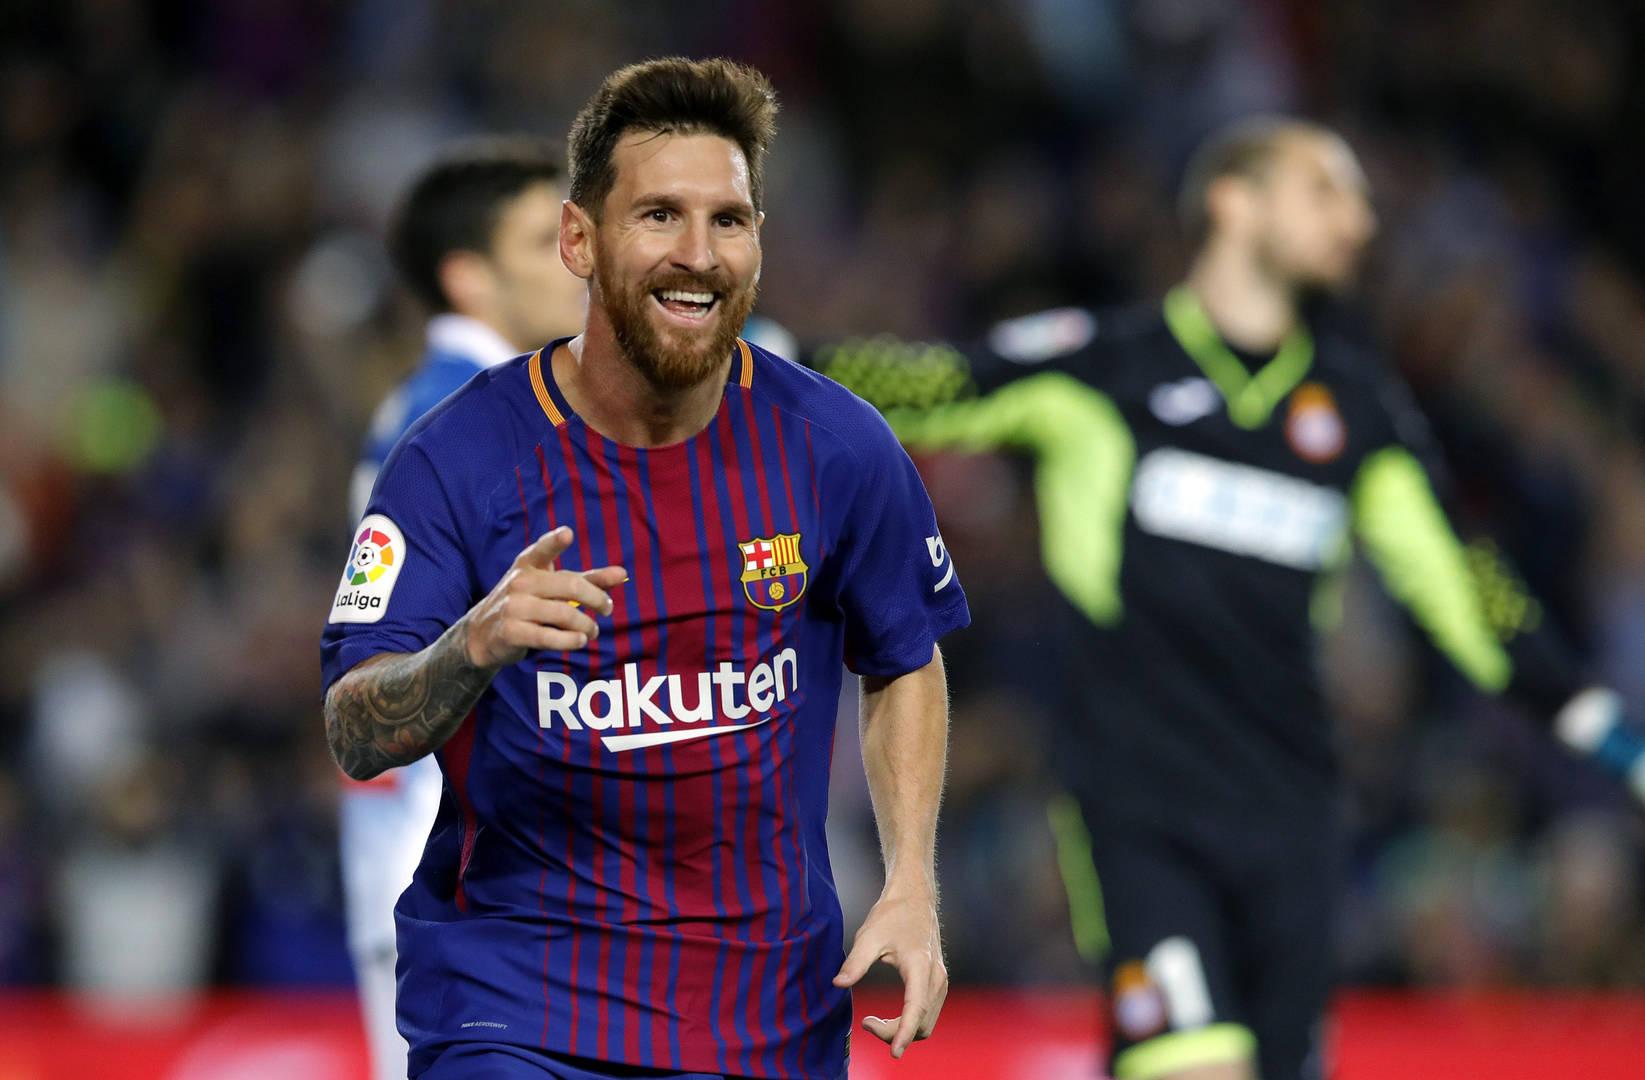 Dấu hiệu cho thấy Barca sẽ truất ngôi Real dù mùa giải mới chỉ vừa bắt đầu